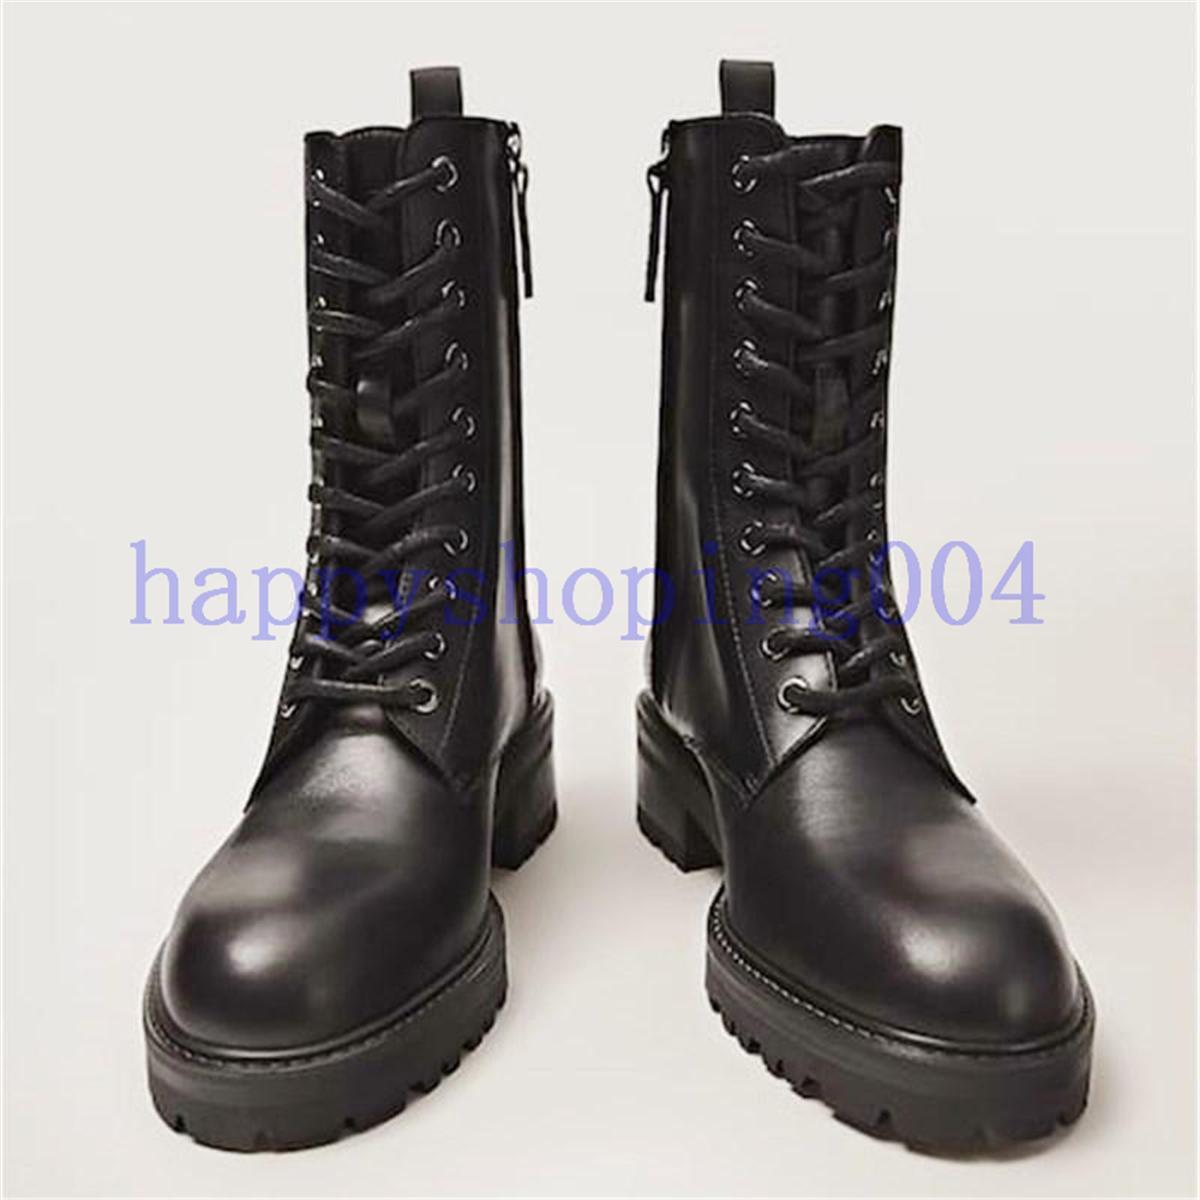 2020 новый универсальный стиль Martin Boots Высокое качество Легкий 3см Низкий каблук короткие ботинки 100% натуральные кожаные мотоцикла женская обувь